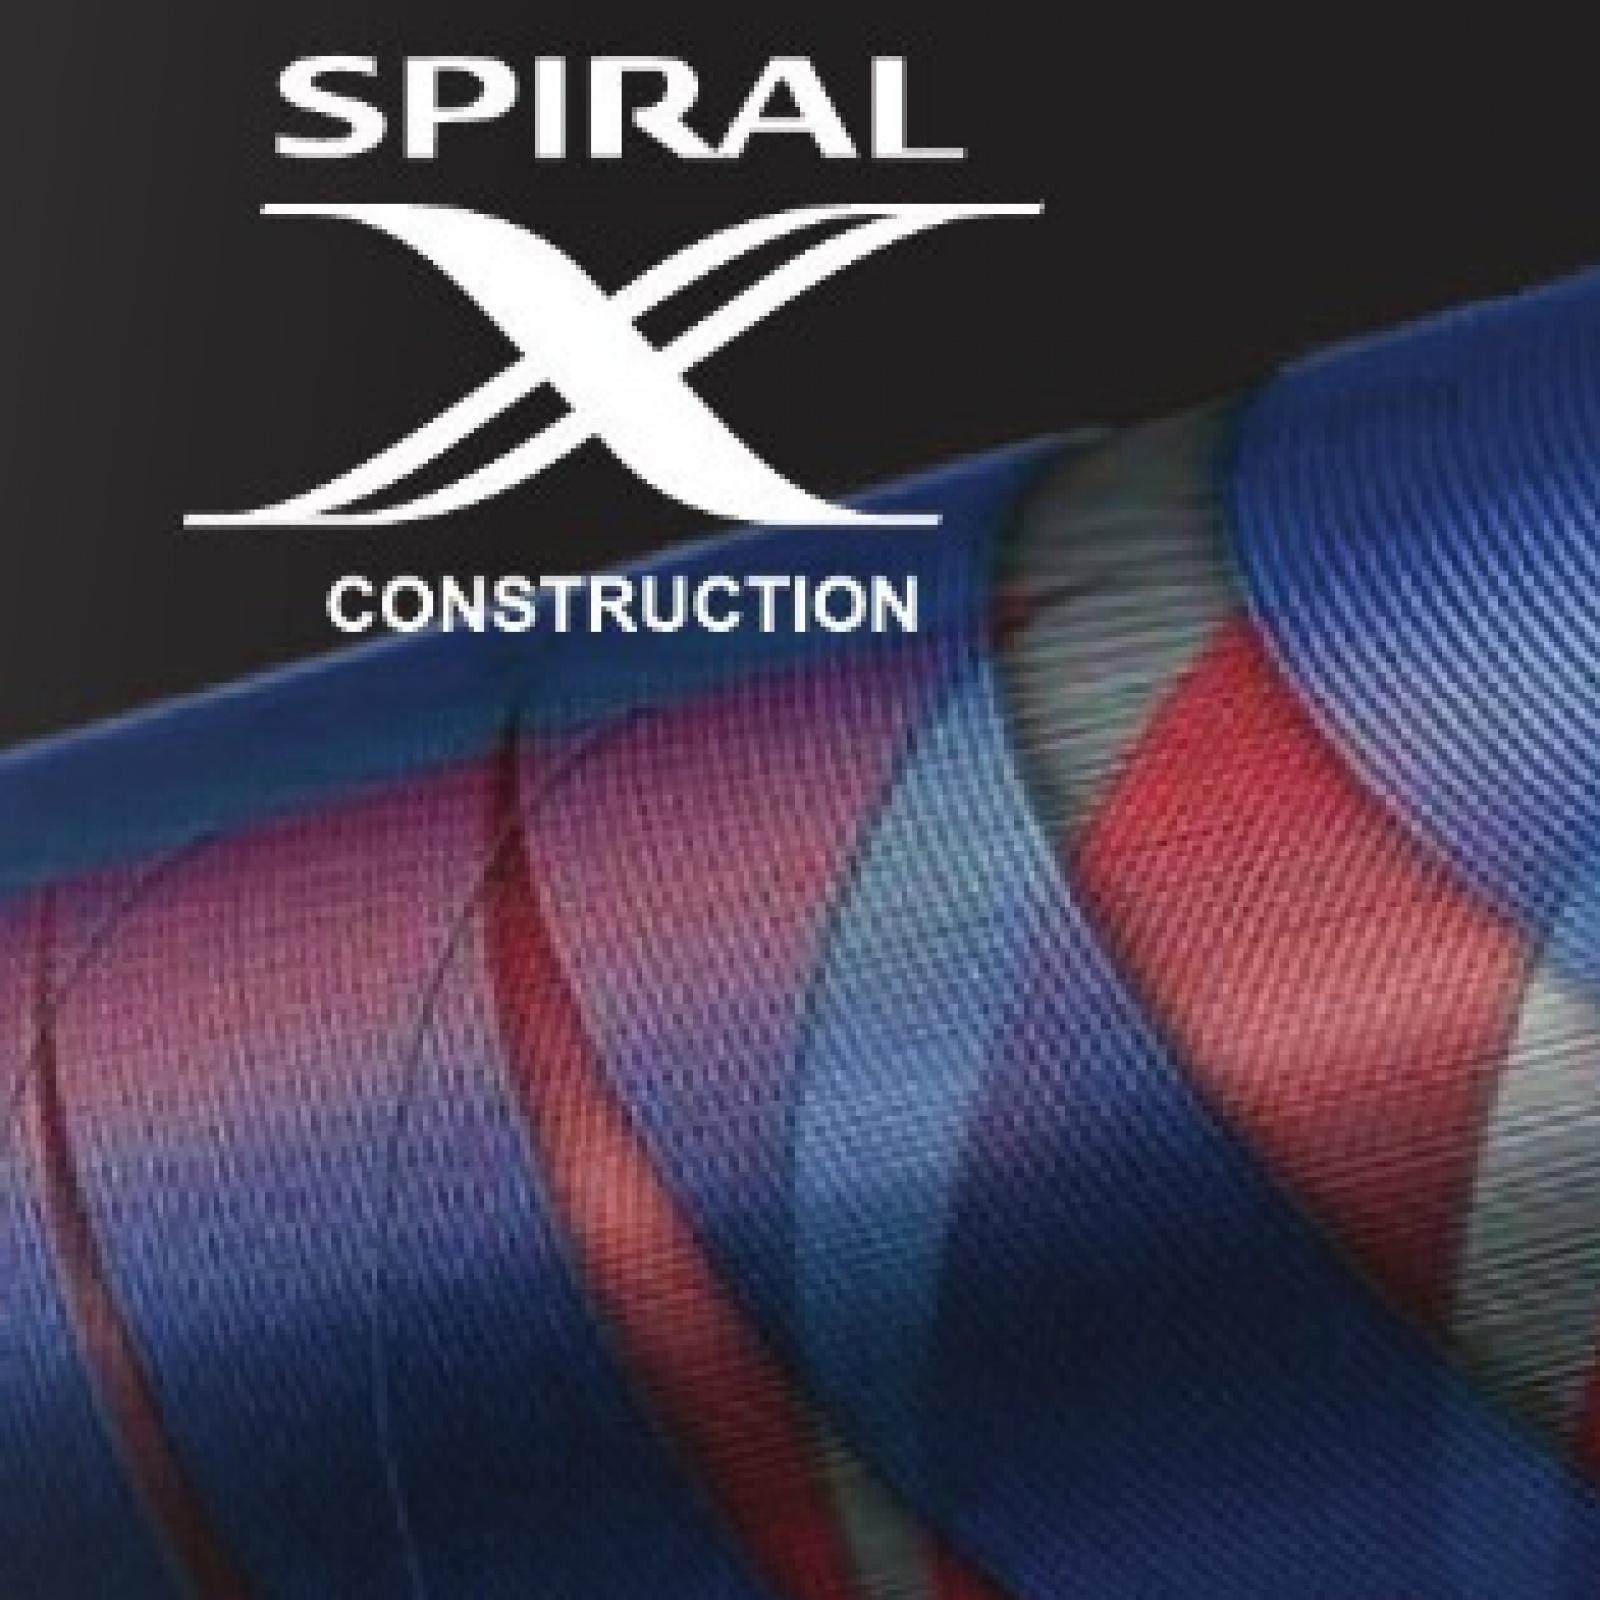 Αποτέλεσμα εικόνας για shimano spiral x